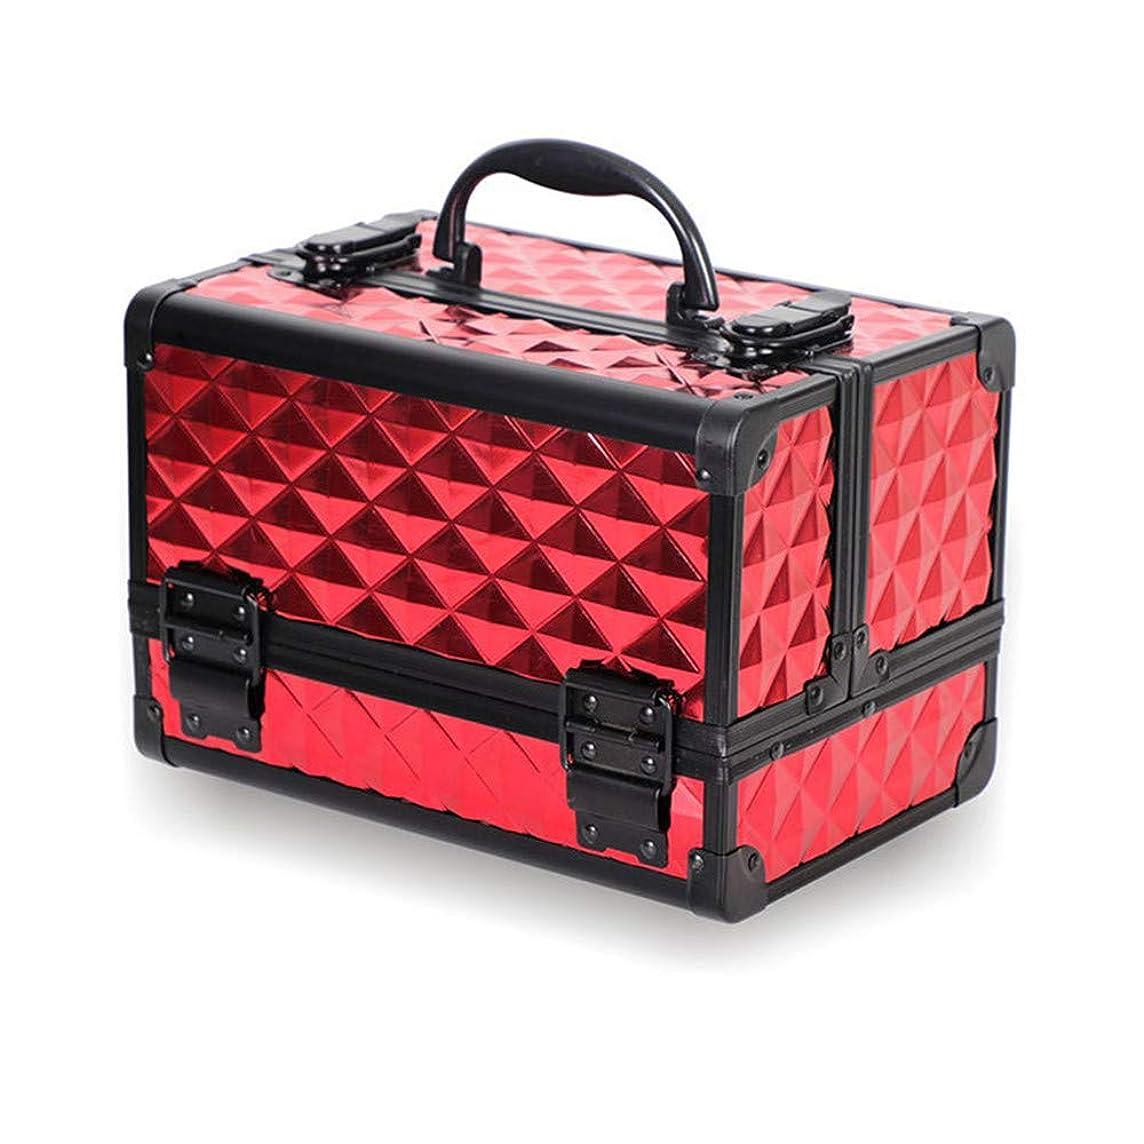 実現可能製造業自治的特大スペース収納ビューティーボックス 美の構造のためそしてジッパーおよび折る皿が付いている女の子の女性旅行そして毎日の貯蔵のための高容量の携帯用化粧品袋 化粧品化粧台 (色 : 赤)